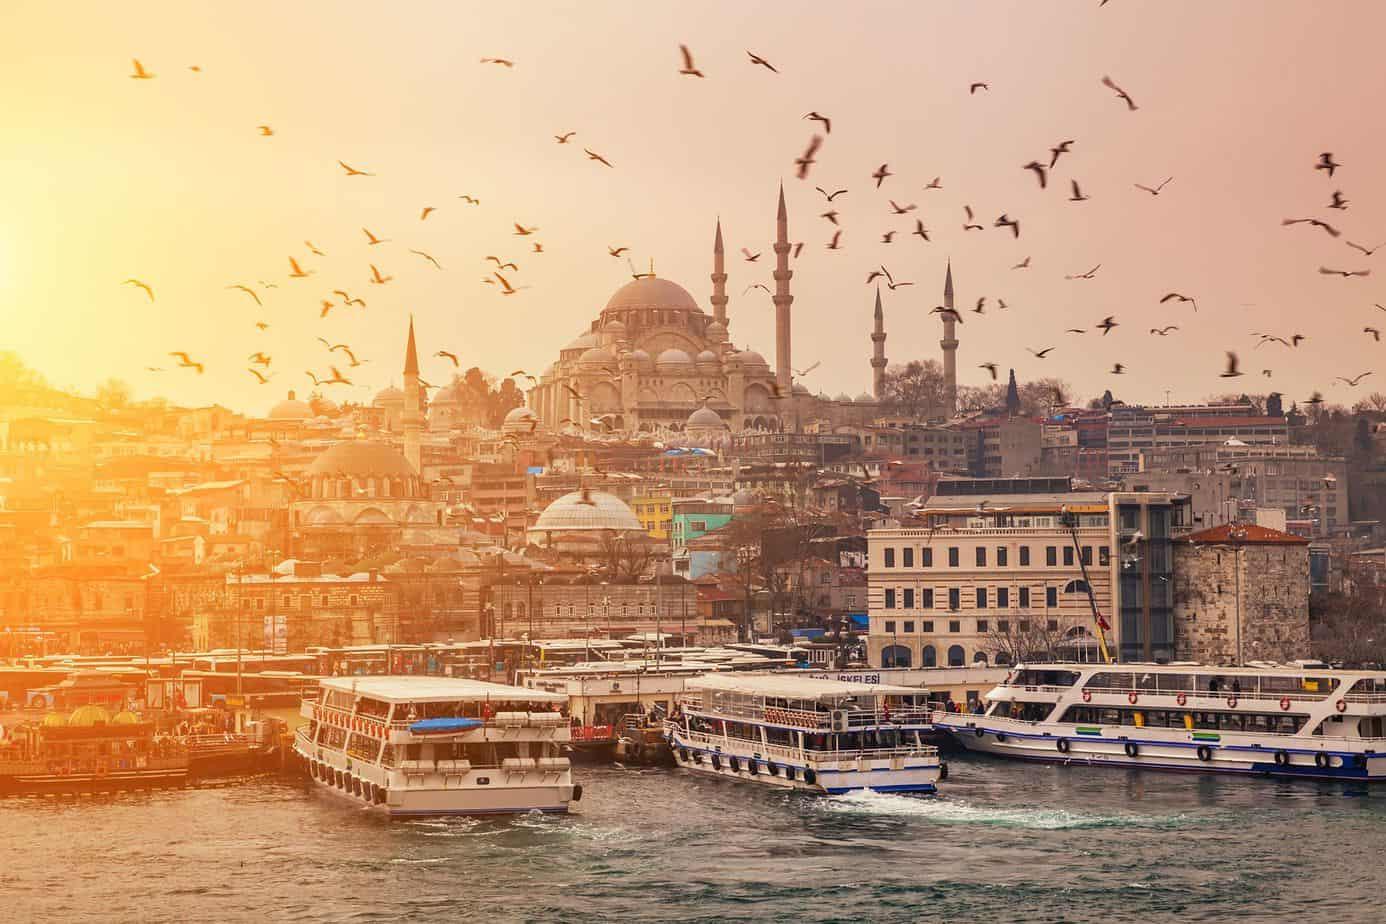 تقرير مفصل فندق دبل تري باي هيلتون اسطنبول بياليه باشا